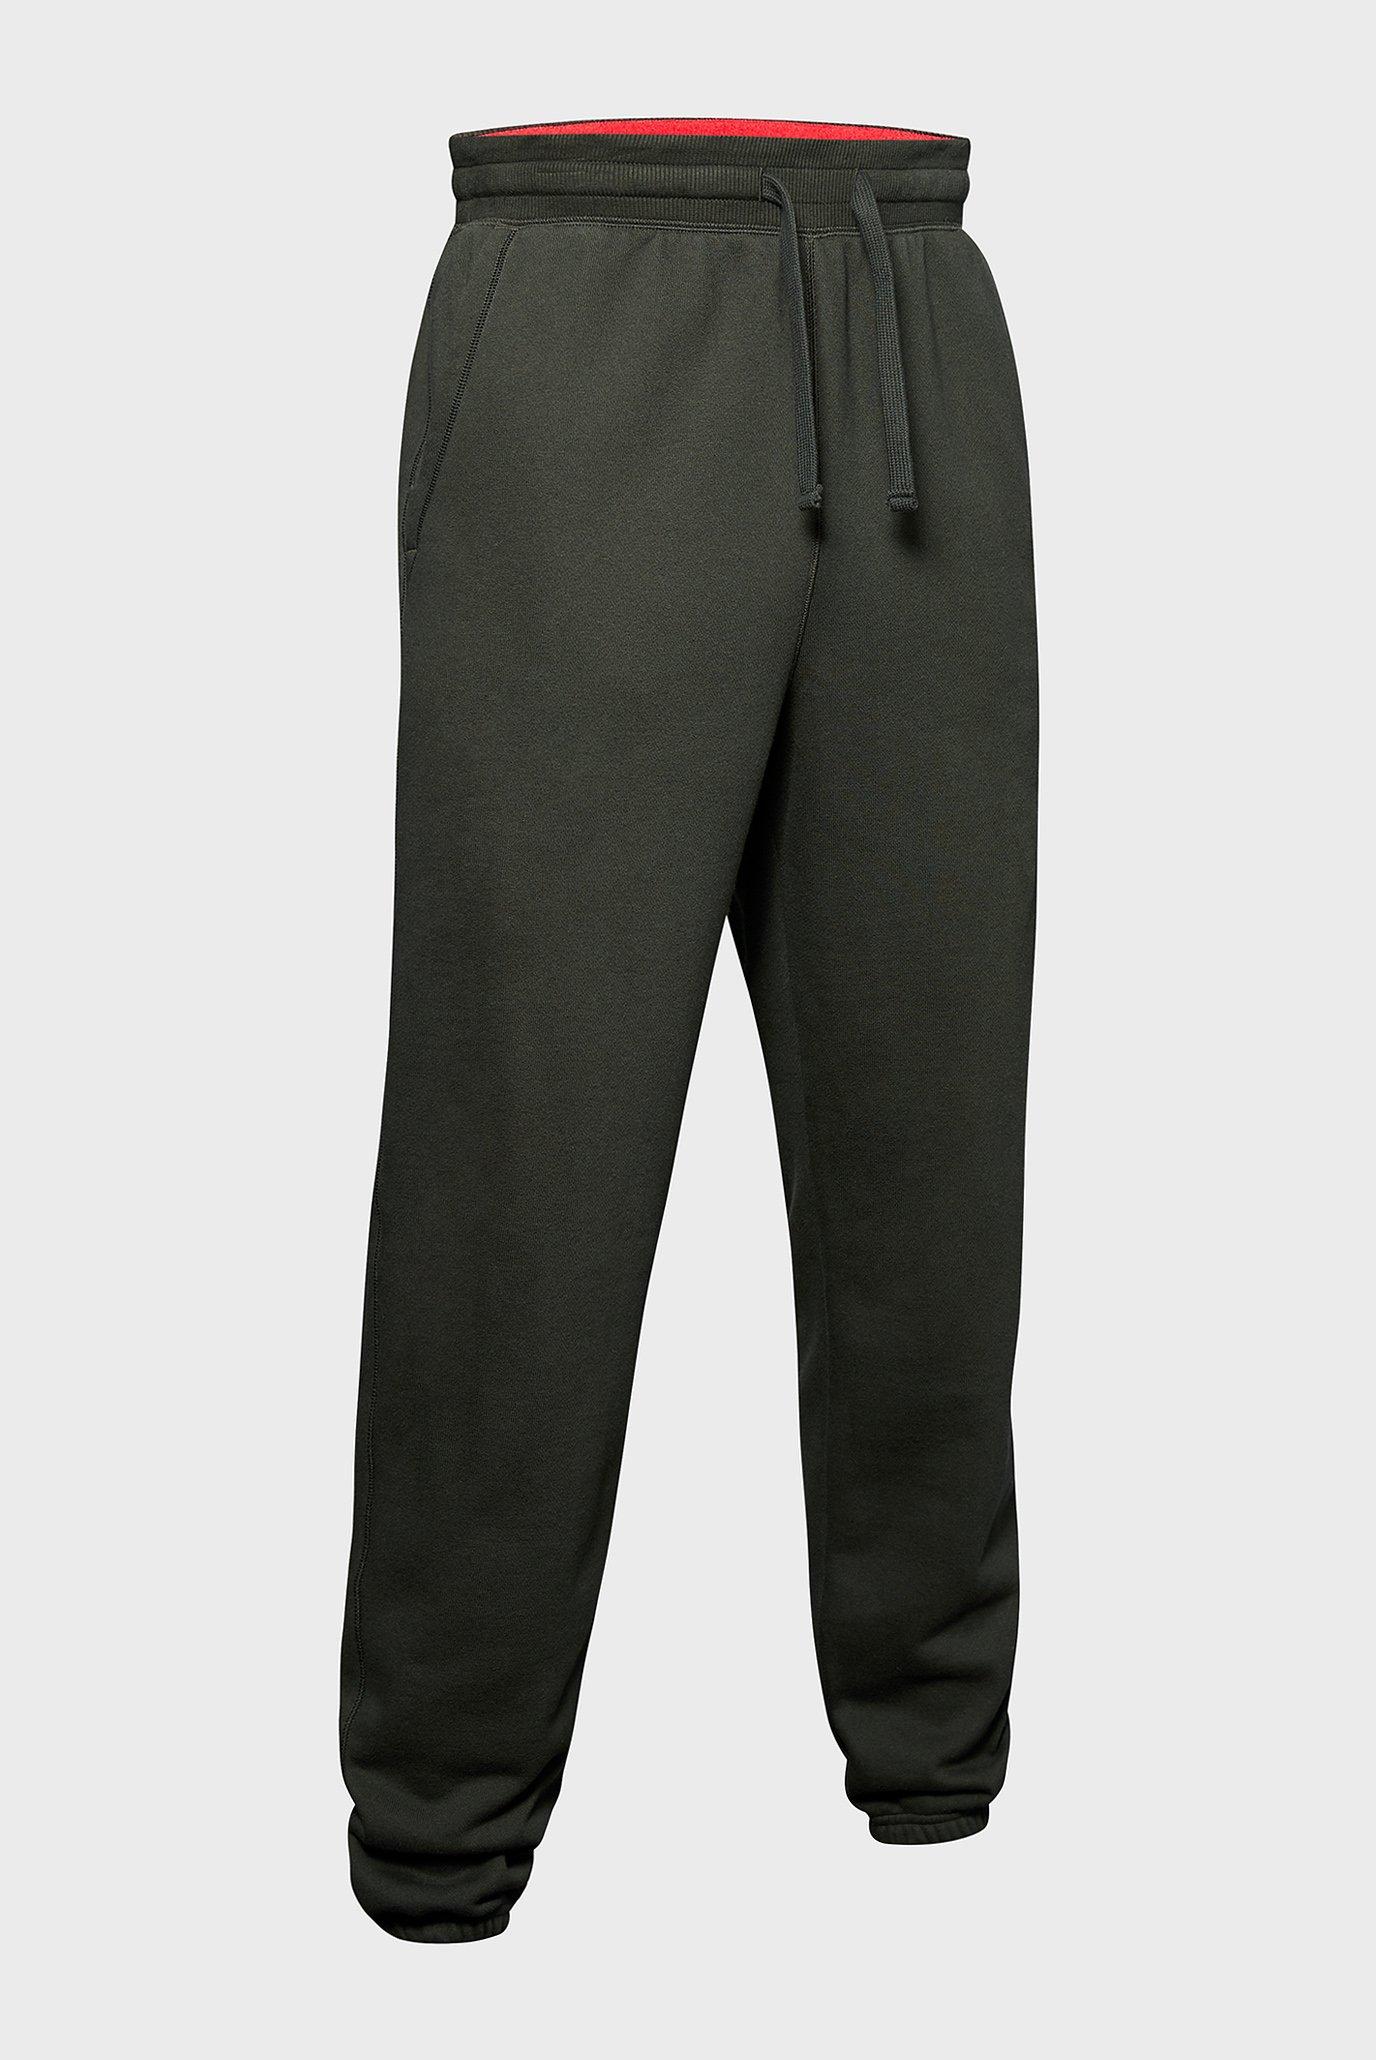 Купить Мужские зеленые спортивные брюки UA PERFORMANCE ORIGINATORS FLEECE Under Armour Under Armour 1345596-310 – Киев, Украина. Цены в интернет магазине MD Fashion